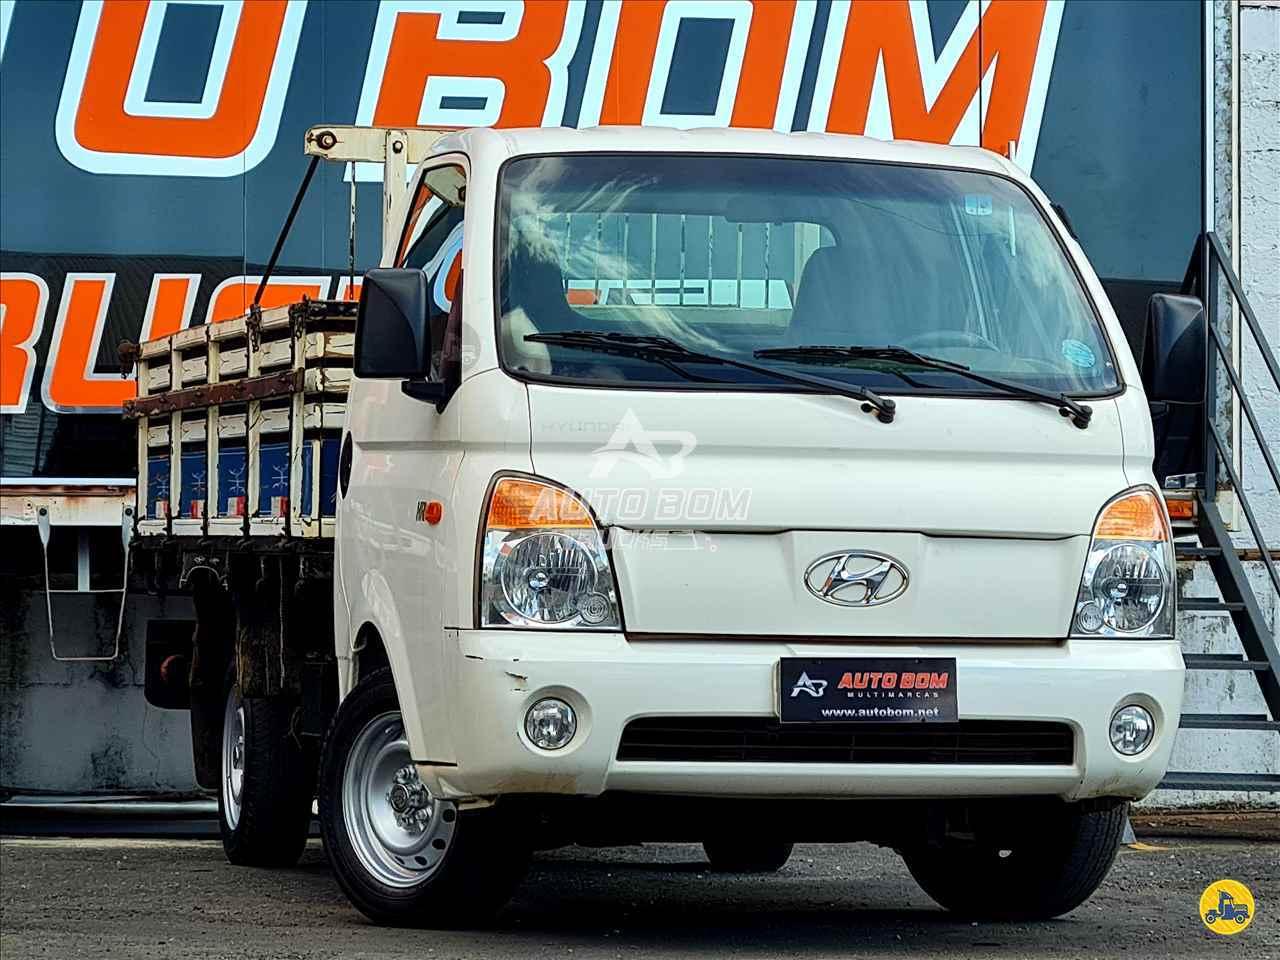 CAMINHAO HYUNDAI HR Carga Seca 3/4 4x2 Autobom Trucks CONTAGEM MINAS GERAIS MG